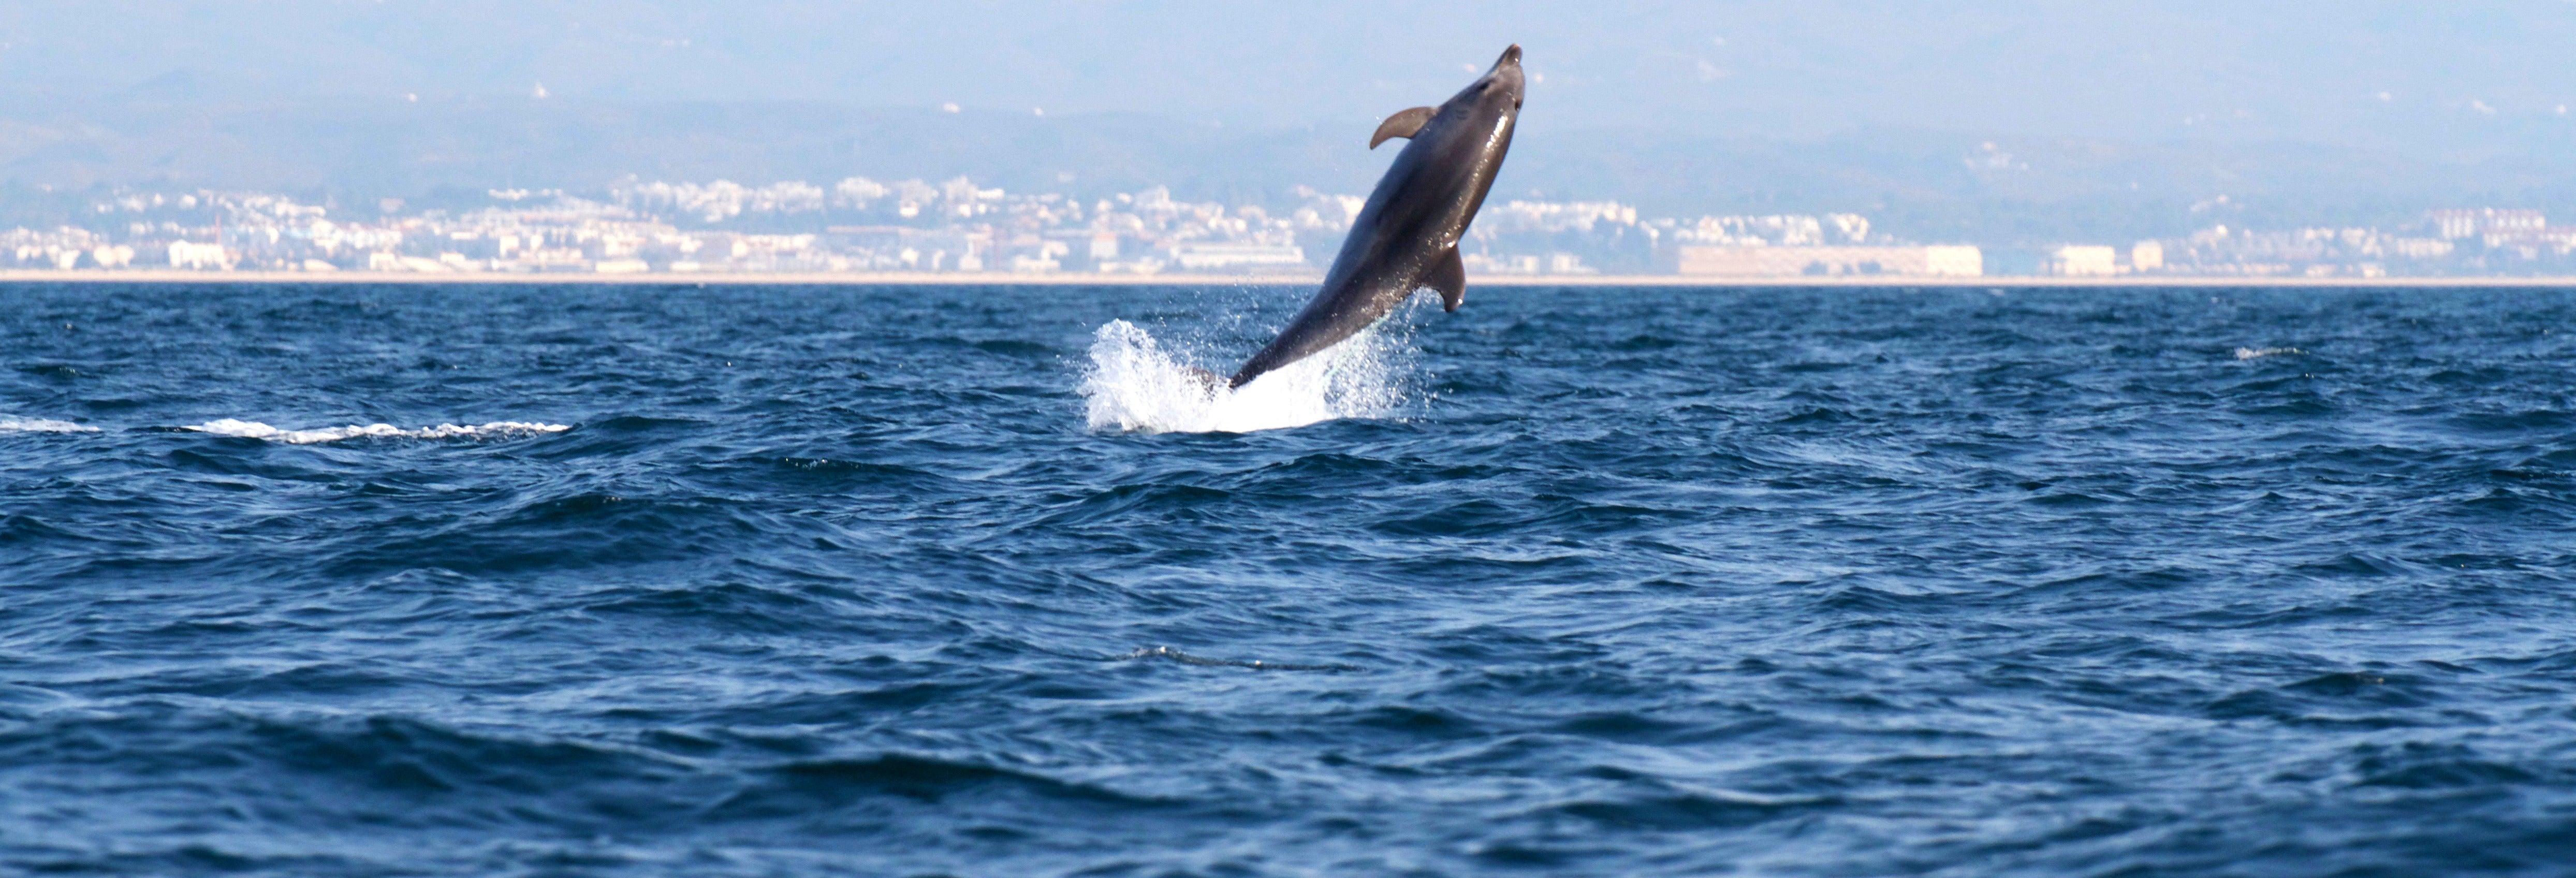 Avistamento de golfinhos em Tavira